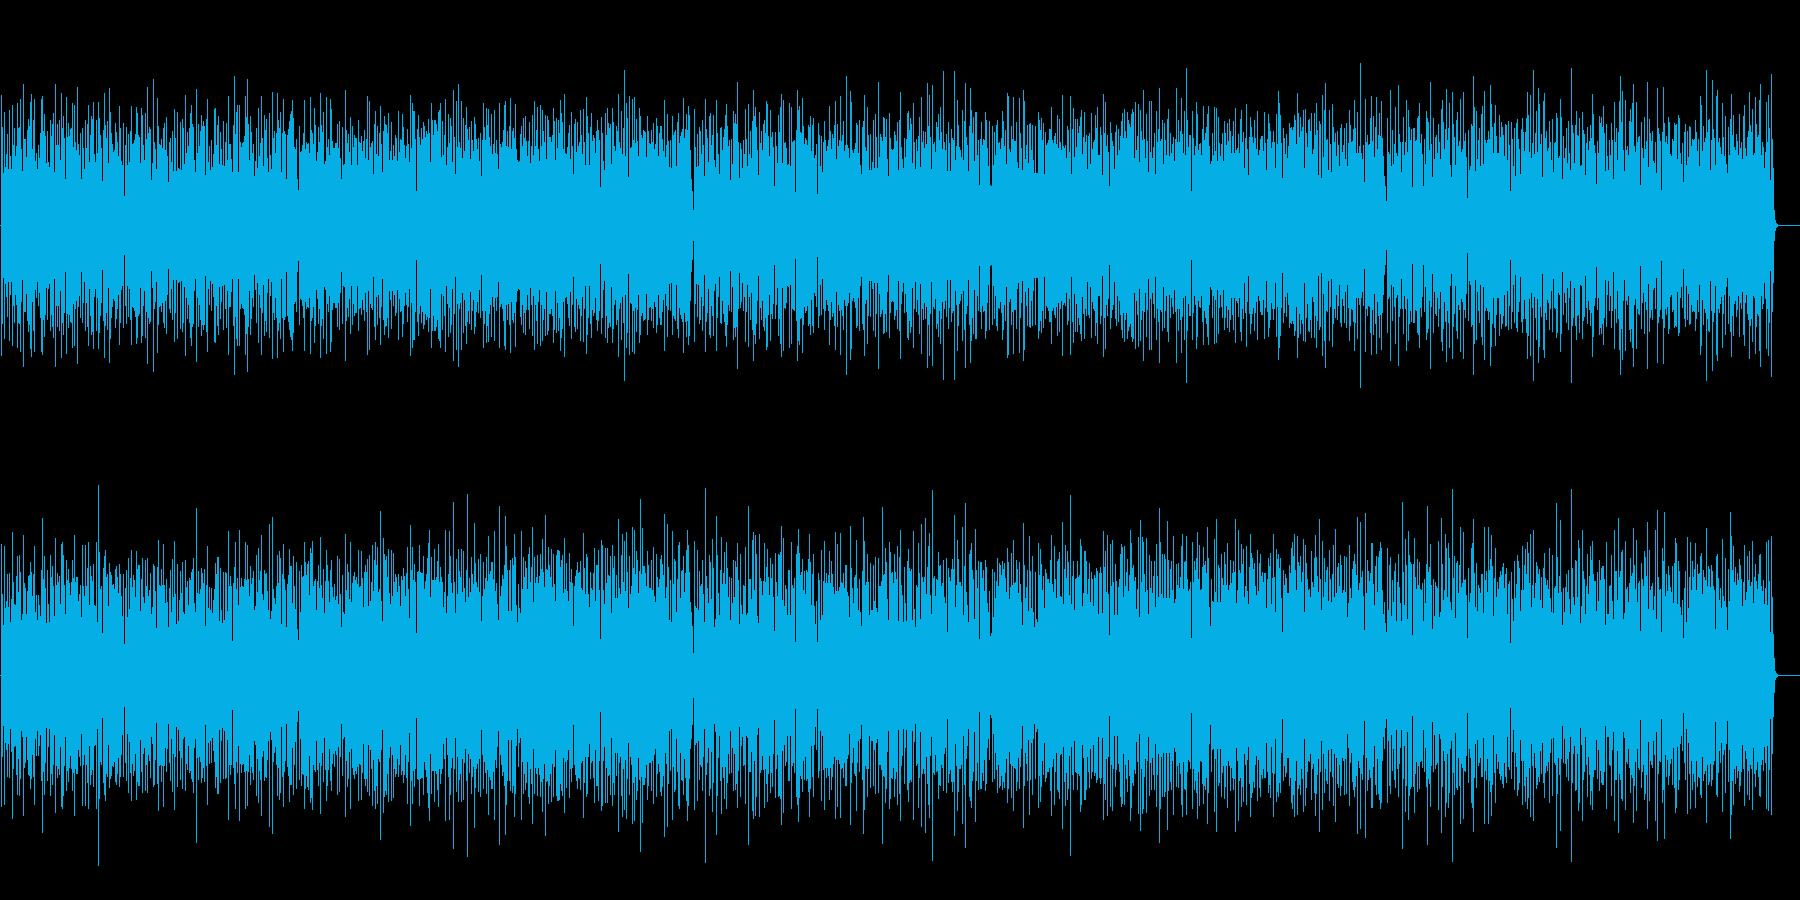 名曲を楽しく美味しいジプシージャズで1の再生済みの波形